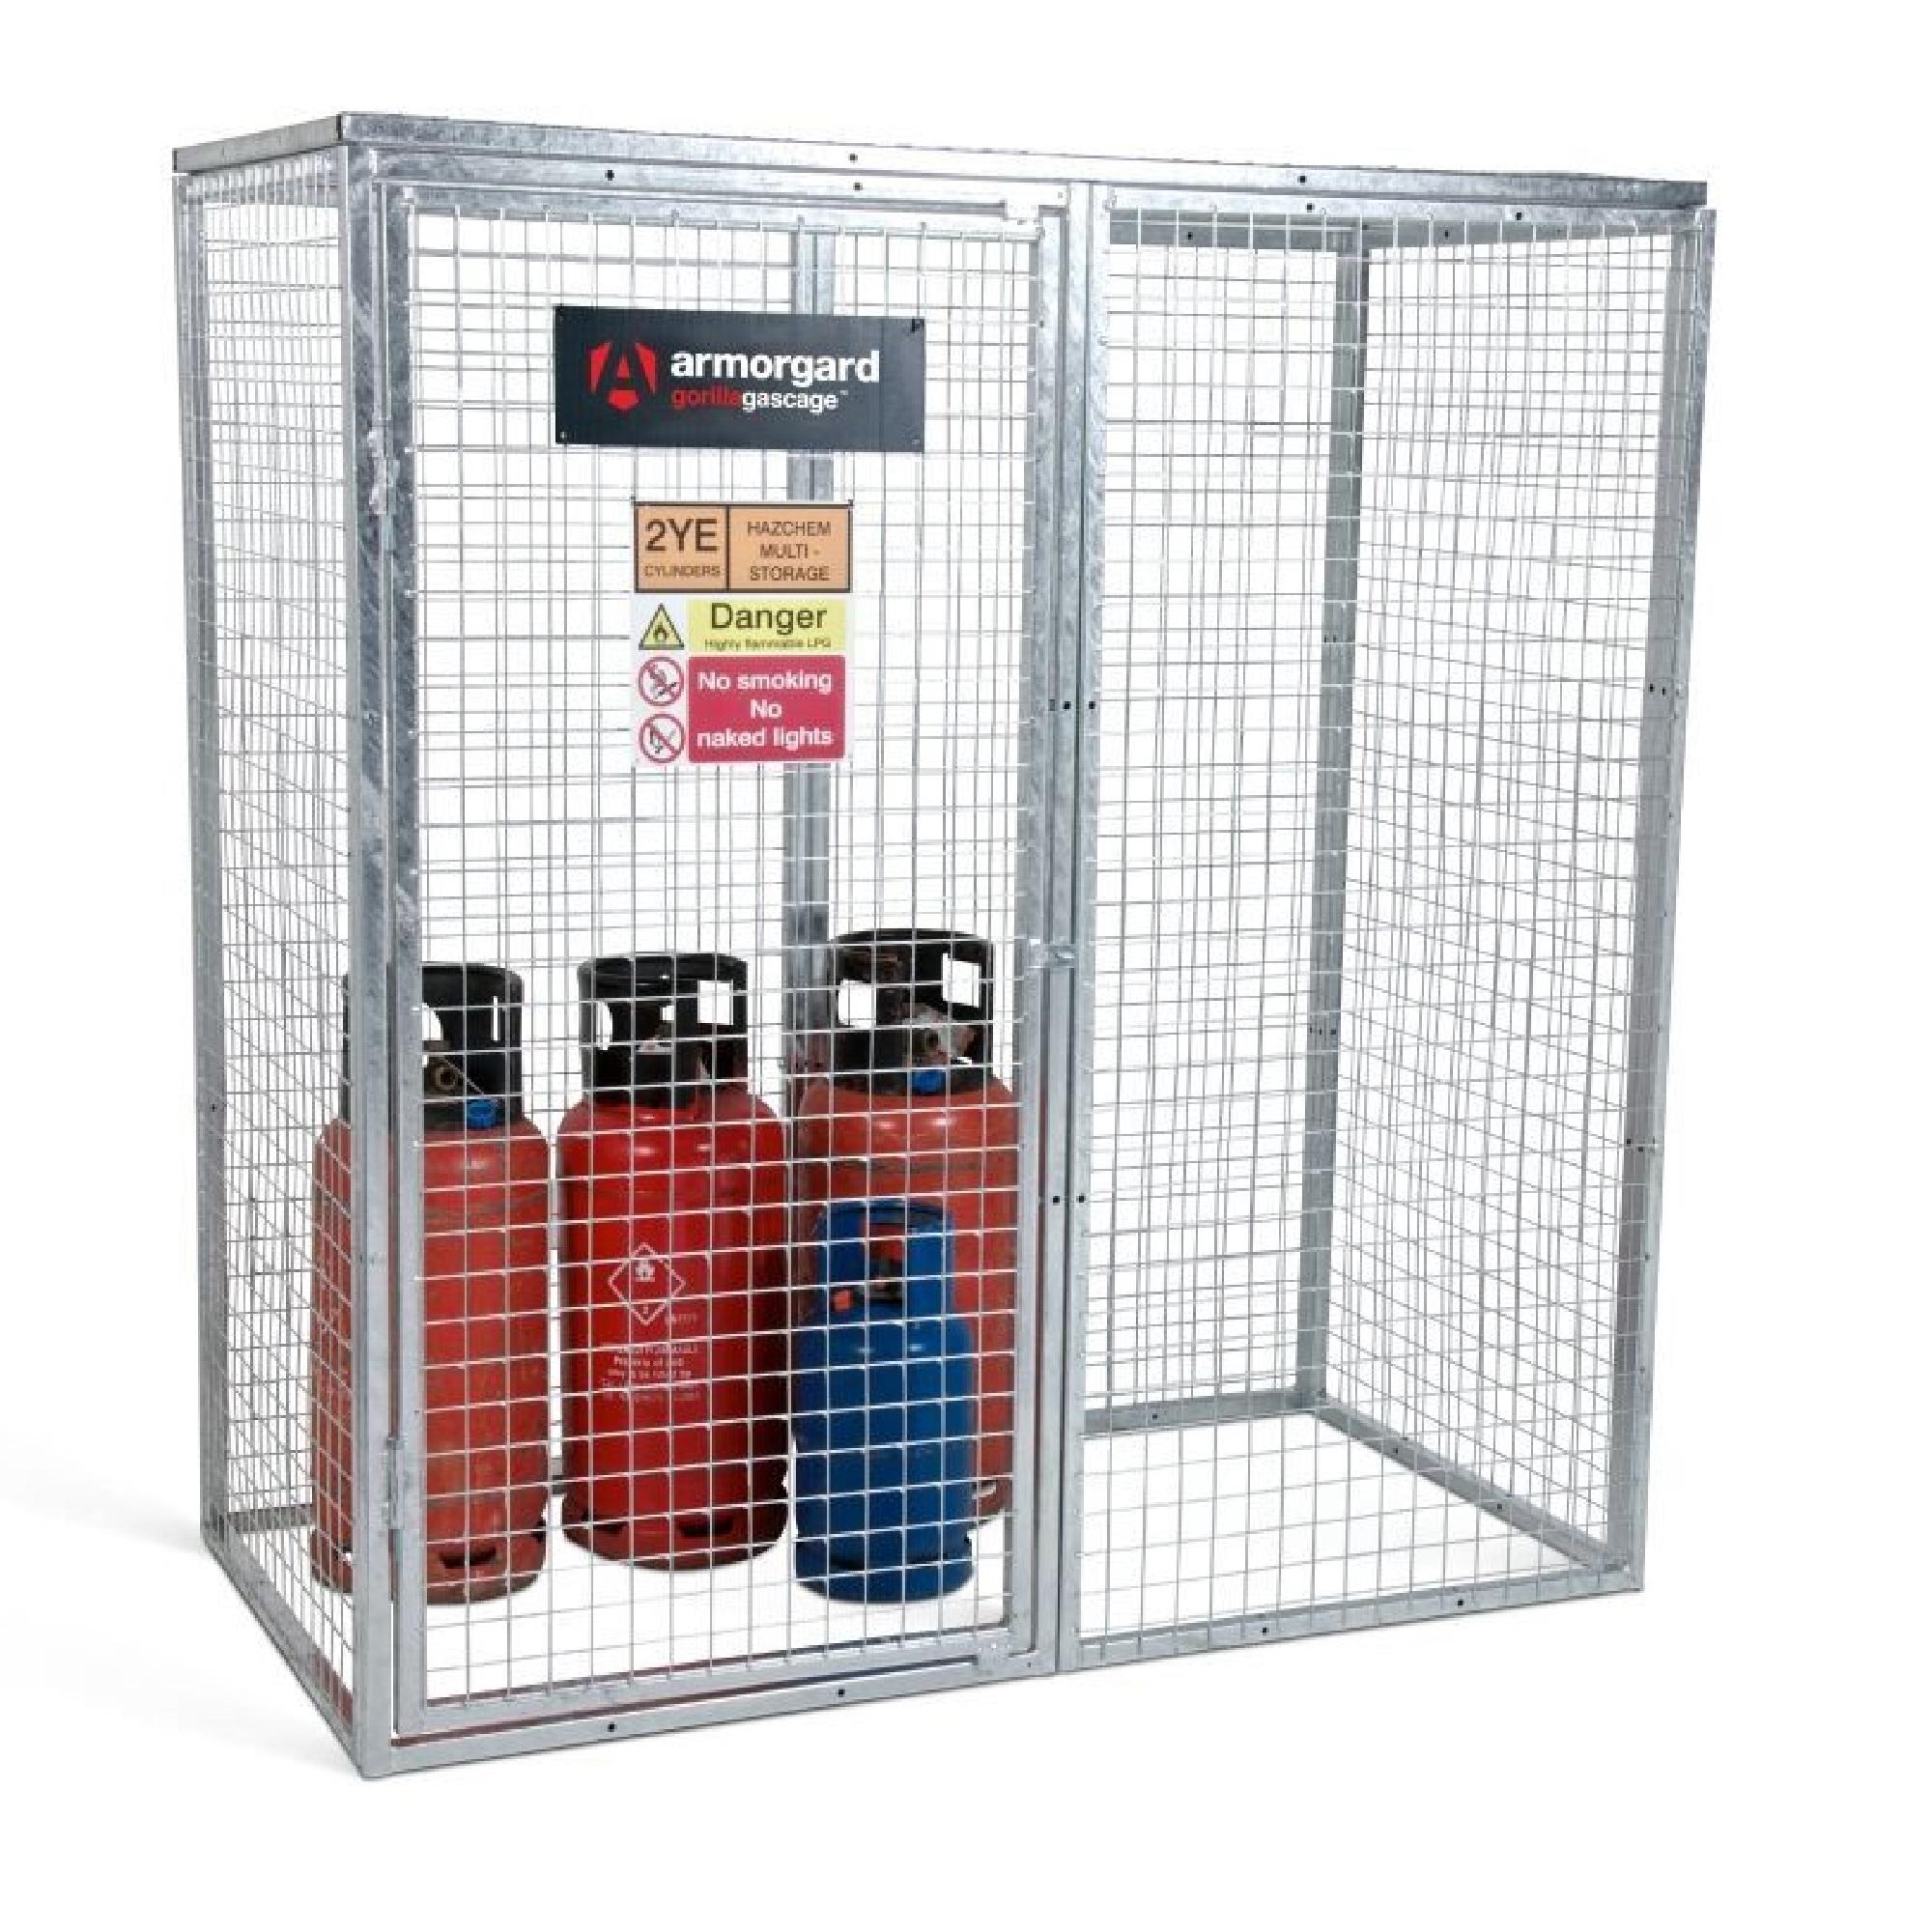 Armorgard Gorilla Gas Bottle Cage GGC6